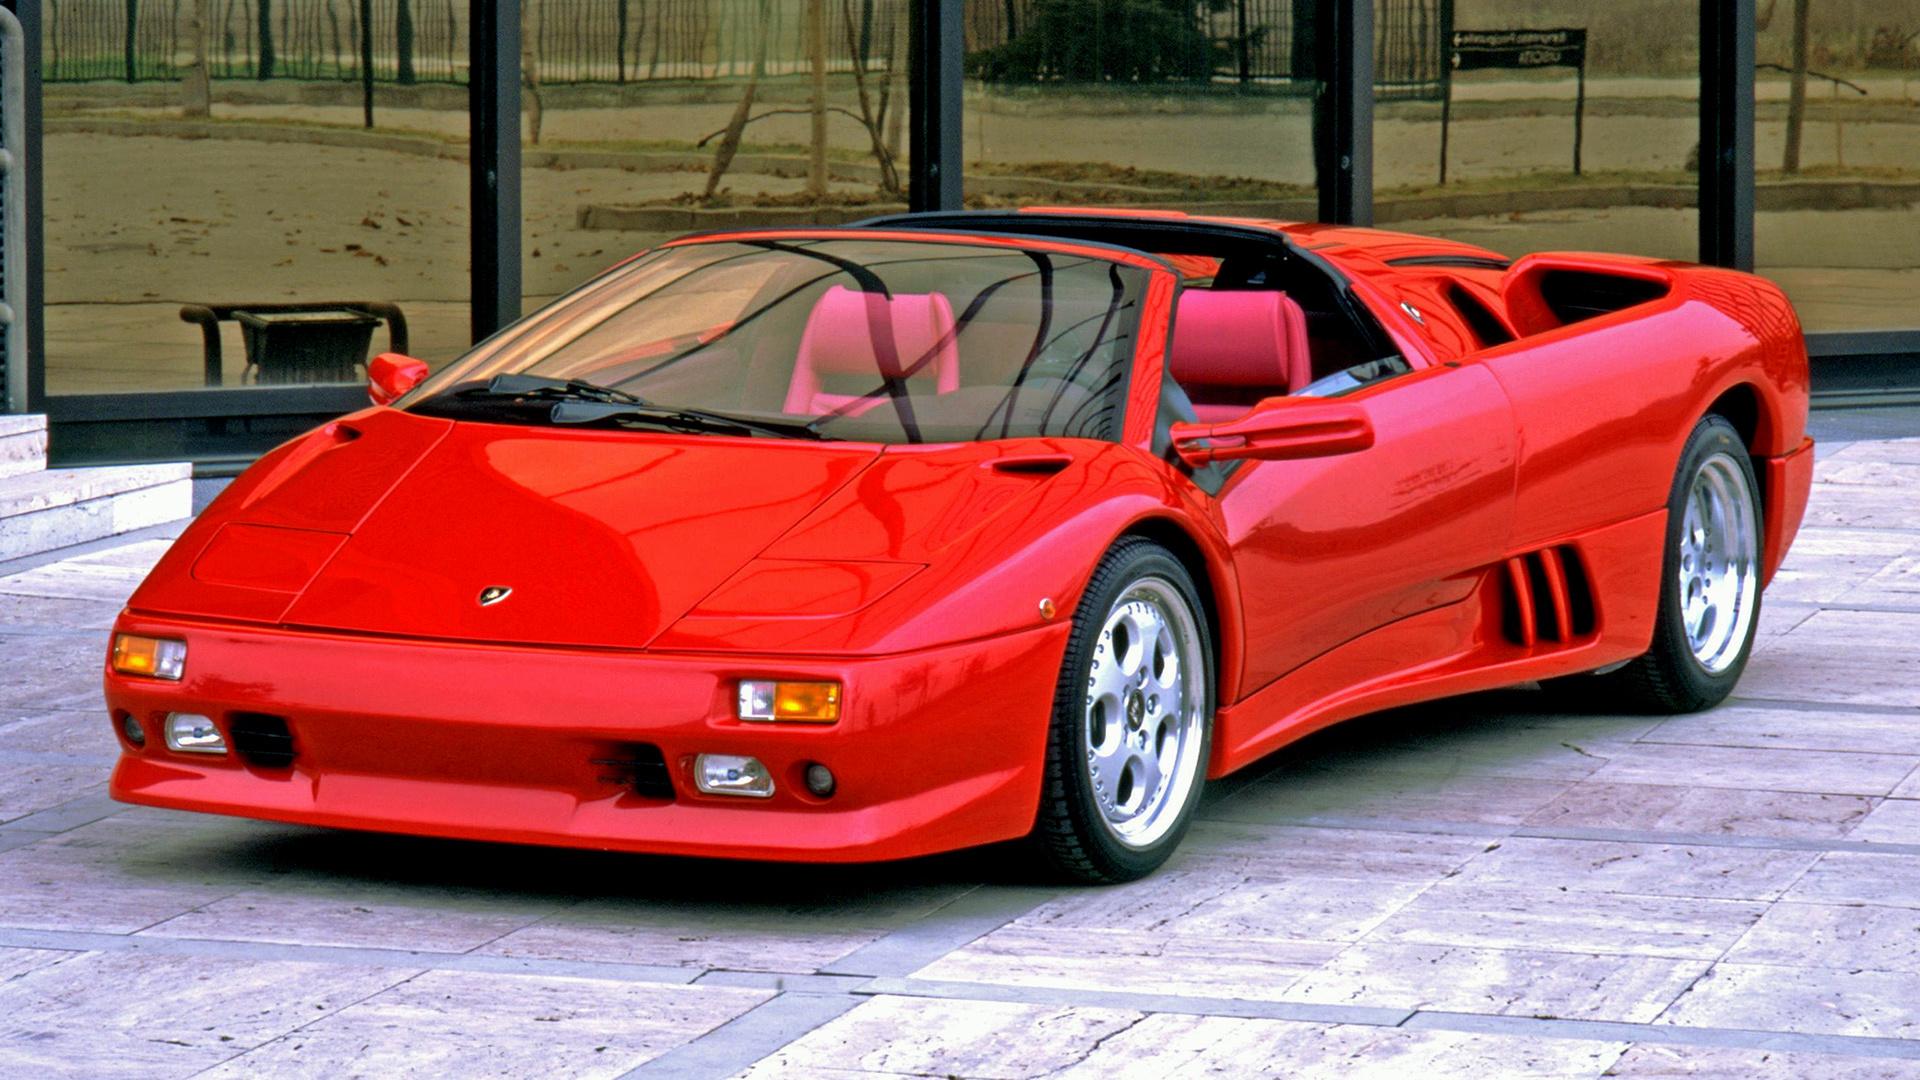 1995 Lamborghini Diablo VT Roadster - Wallpapers and HD ...